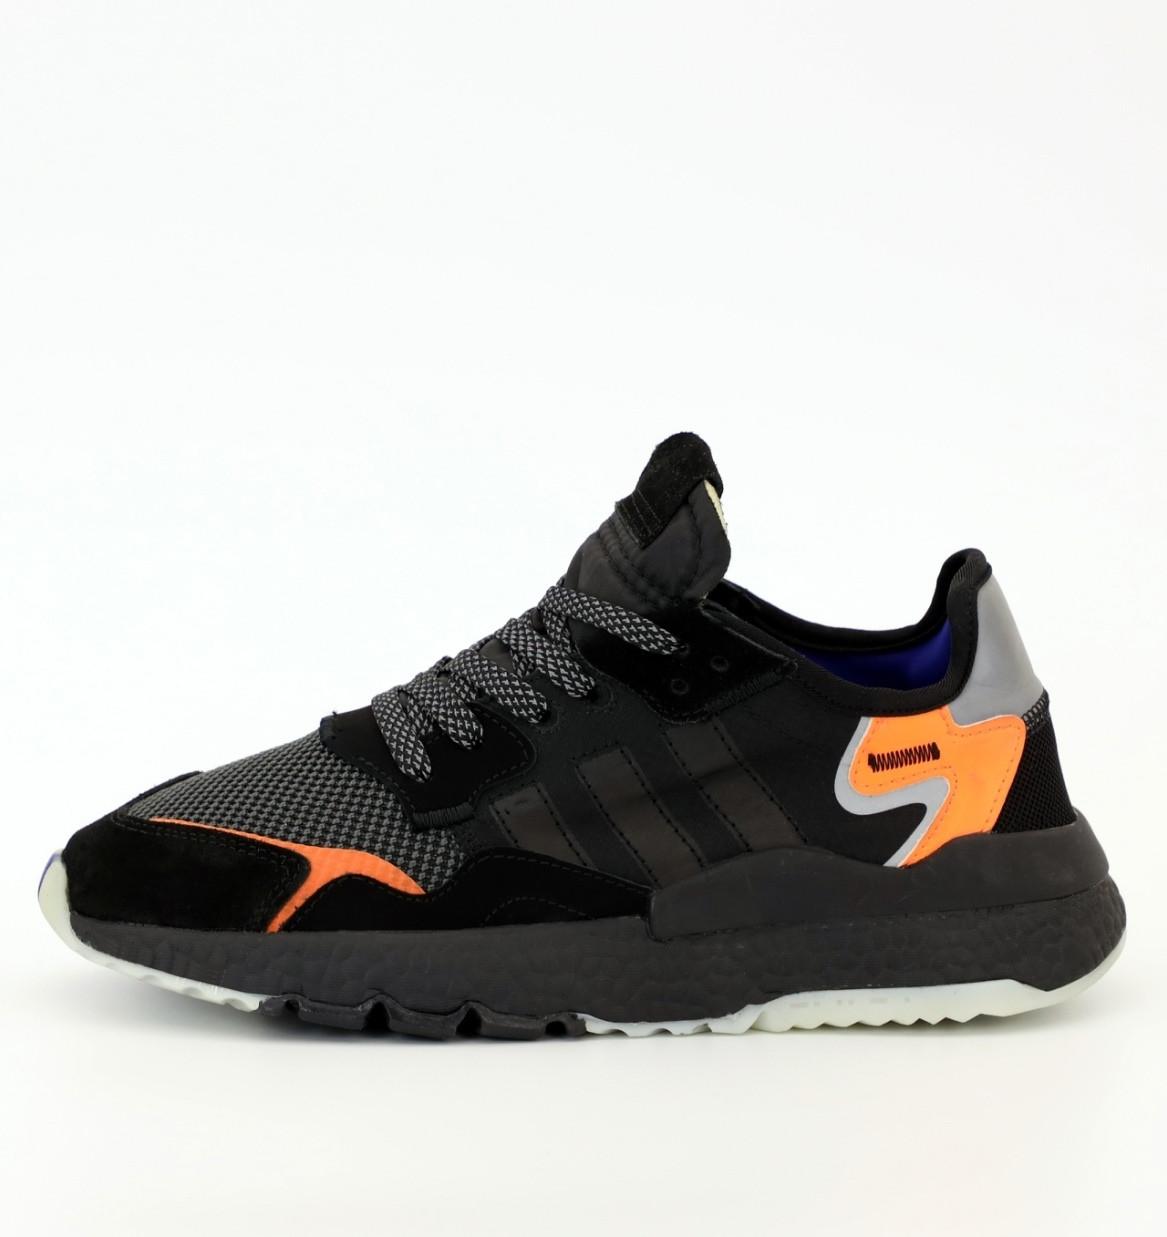 Мужские Кроссовки Adidas Nite Jogger Black (Адидас Найт Джоггер) рефлективные